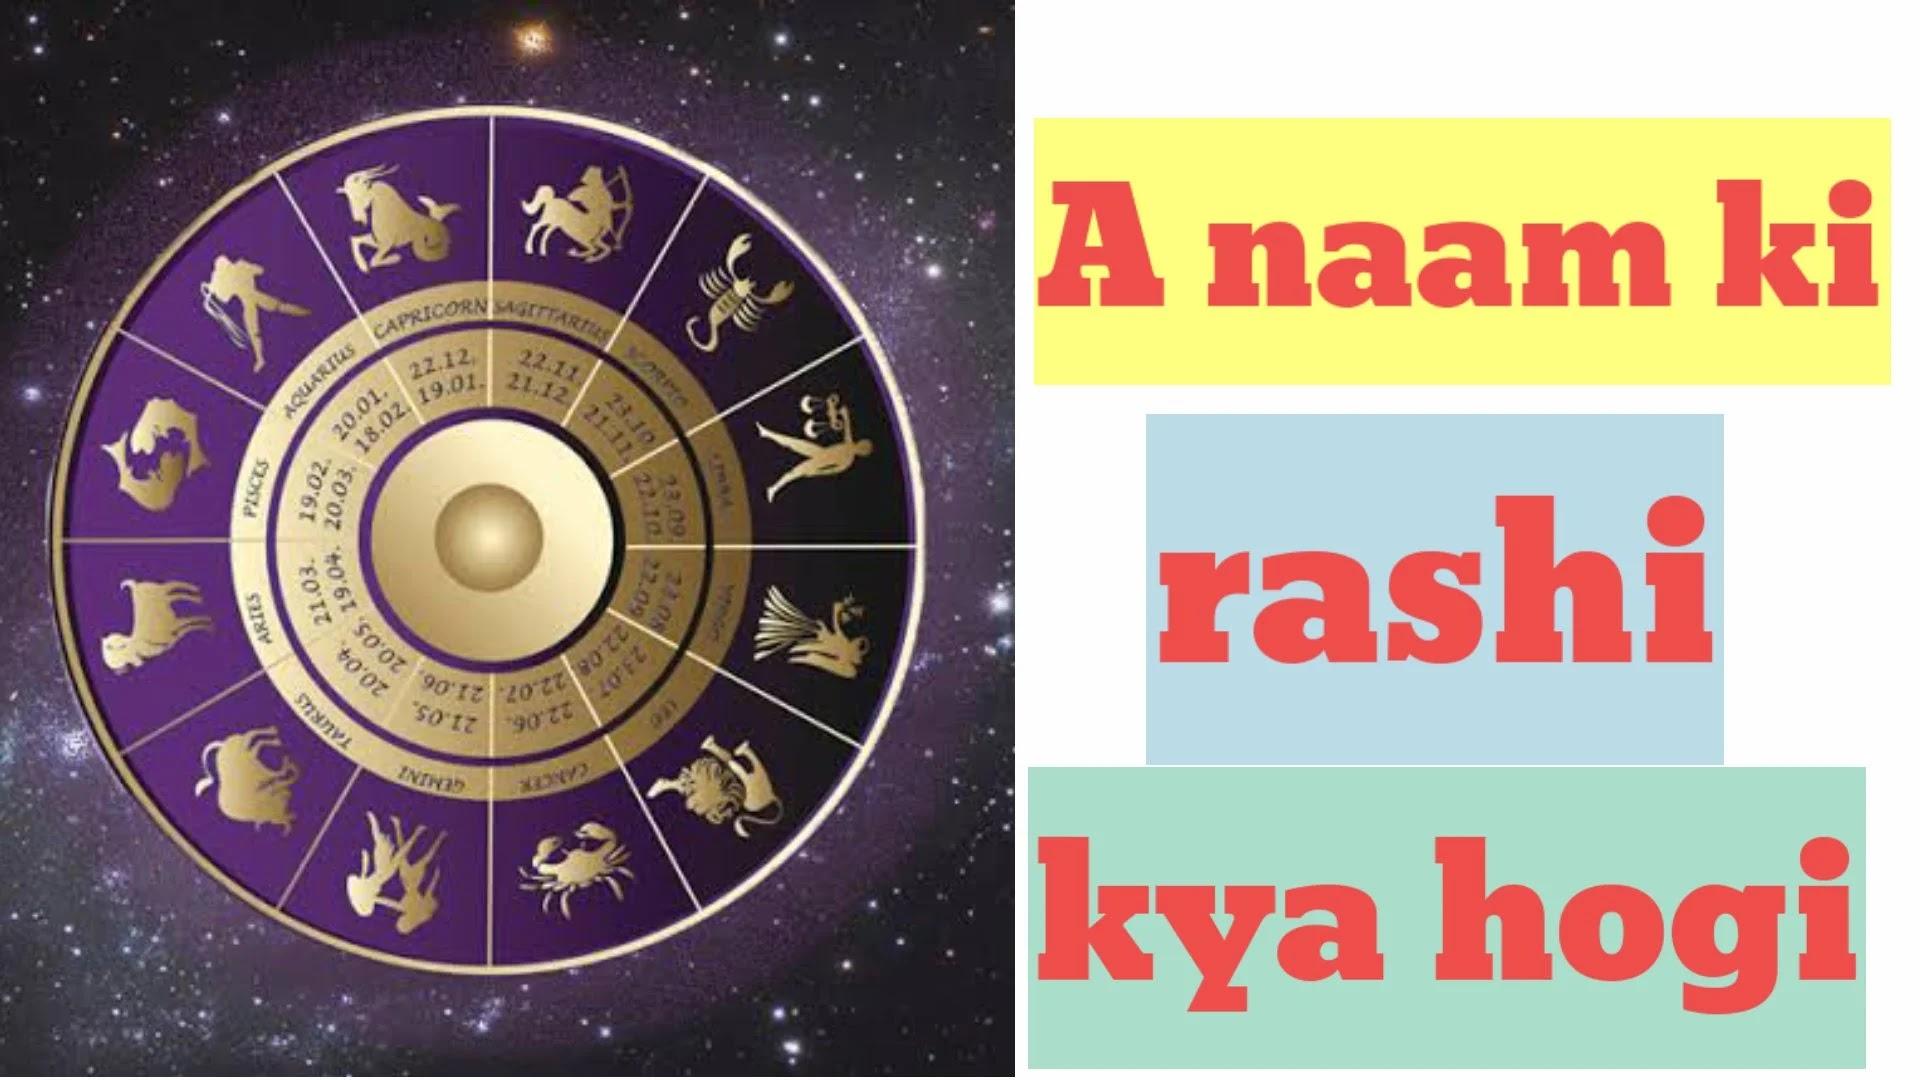 A naam ki rashi kya hogi - A से नाम वालों की राशि क्या होगी